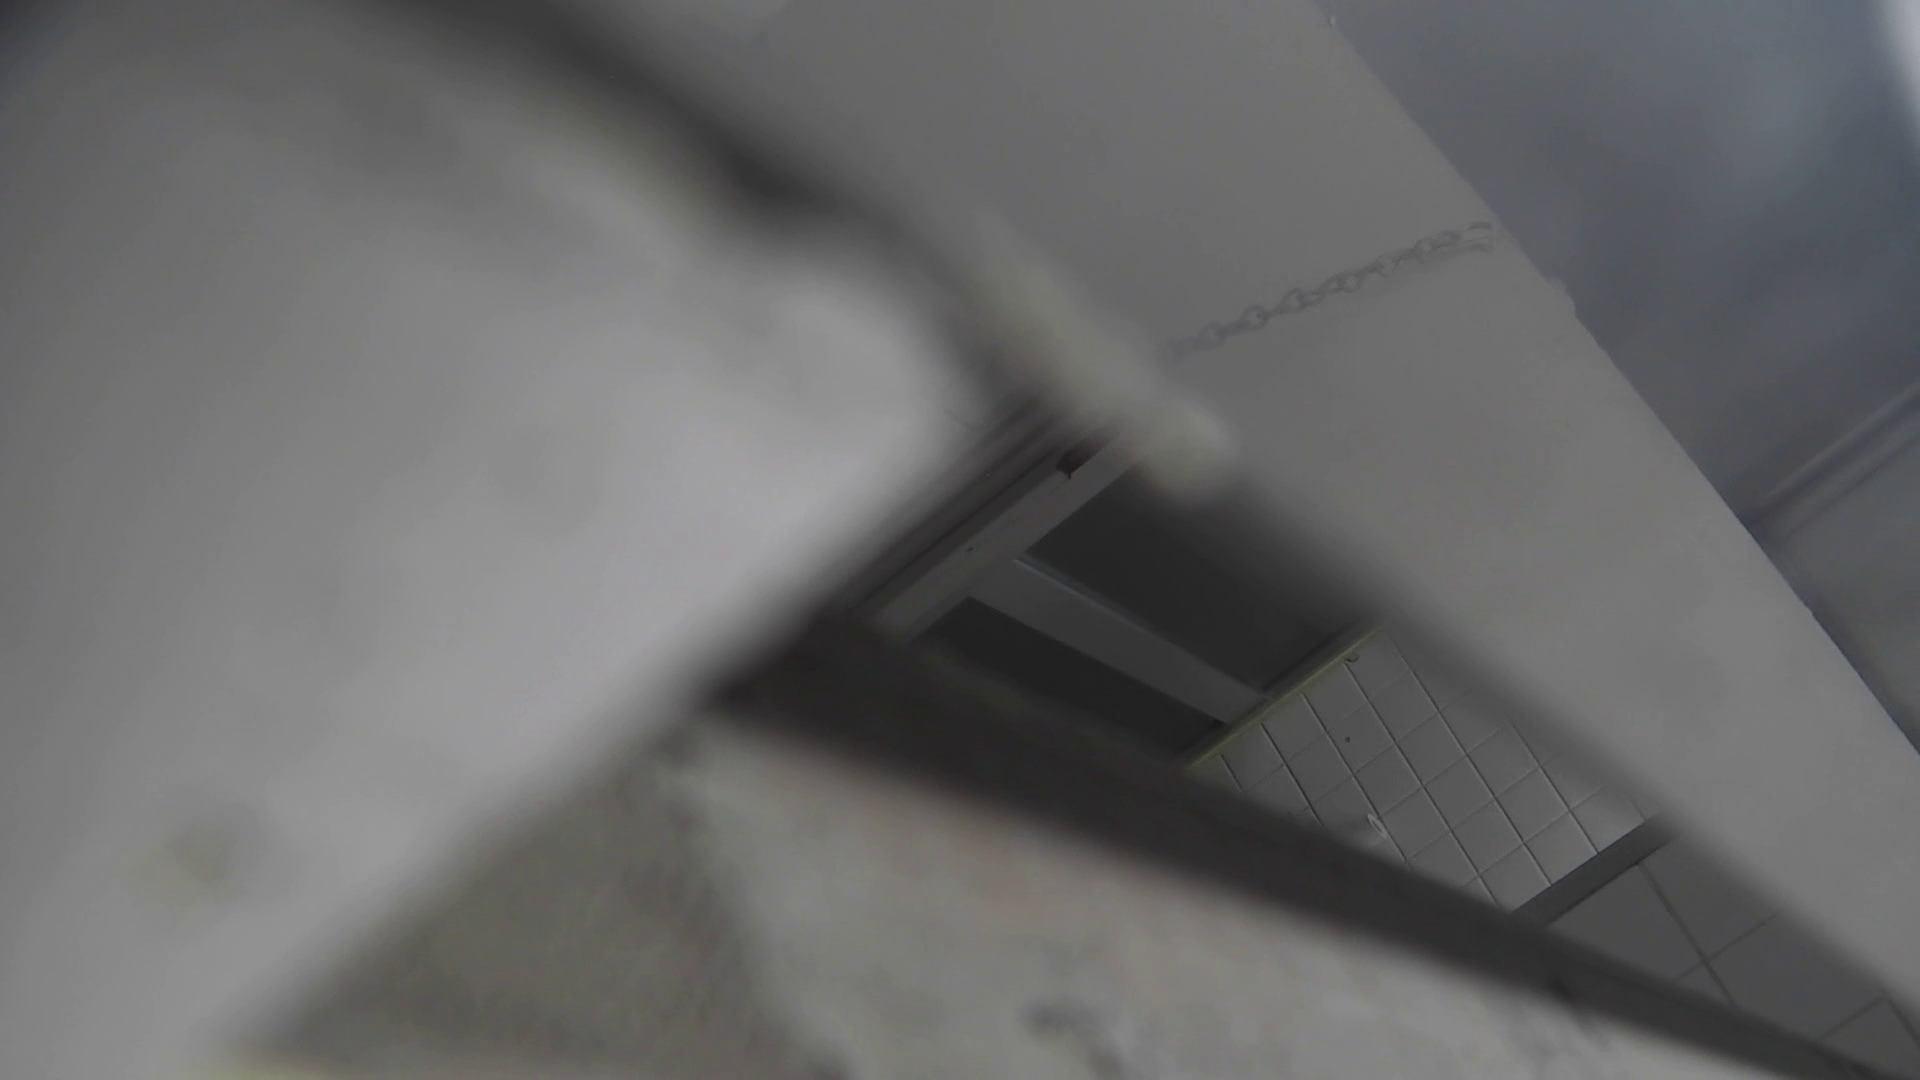 洗面所特攻隊 vol.020 びにょ~ん 洗面所着替え   OL  65連発 8